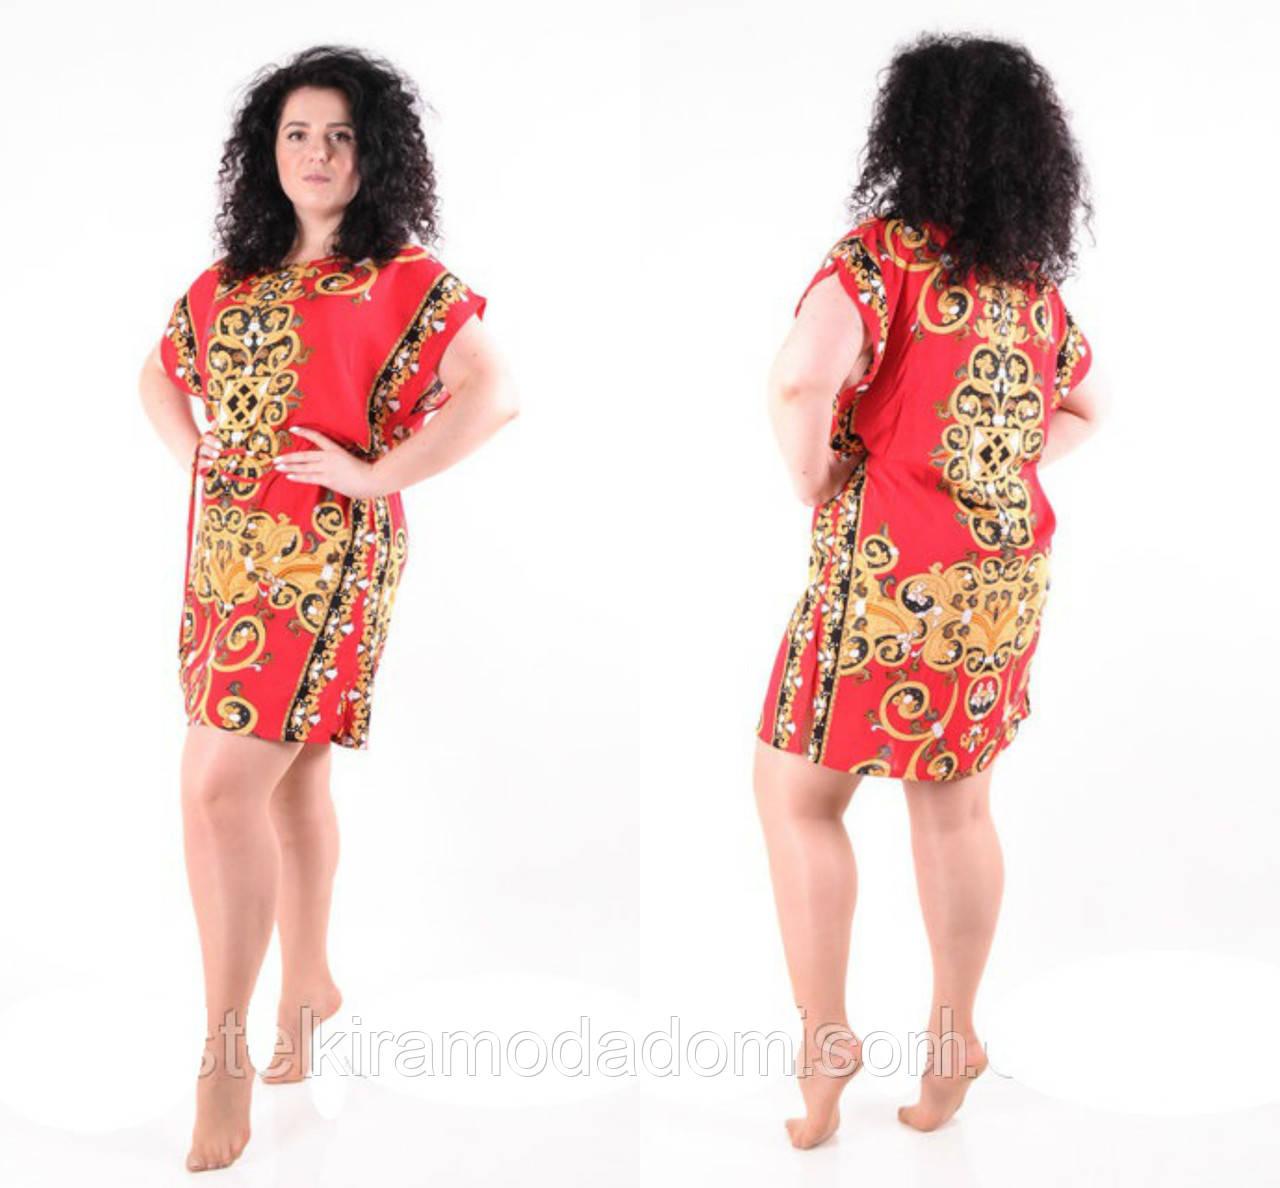 6c43d7596d7 Нарядное платье туника женское летнее  продажа